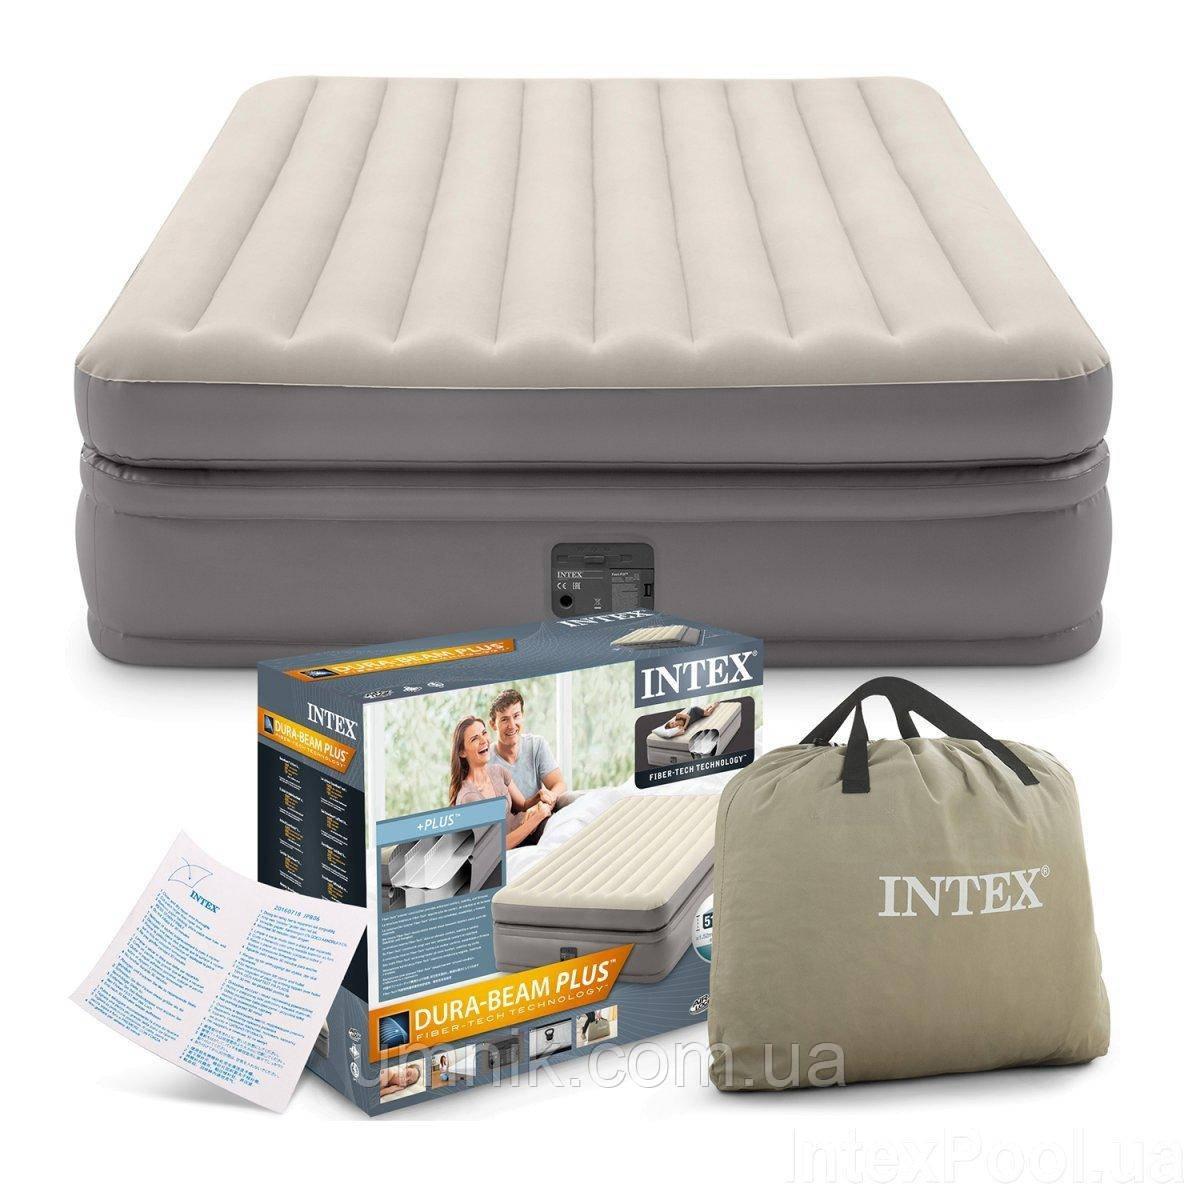 Кровать надувная Intex с встроенным электрическим насосом, 64164, 203*152*51см